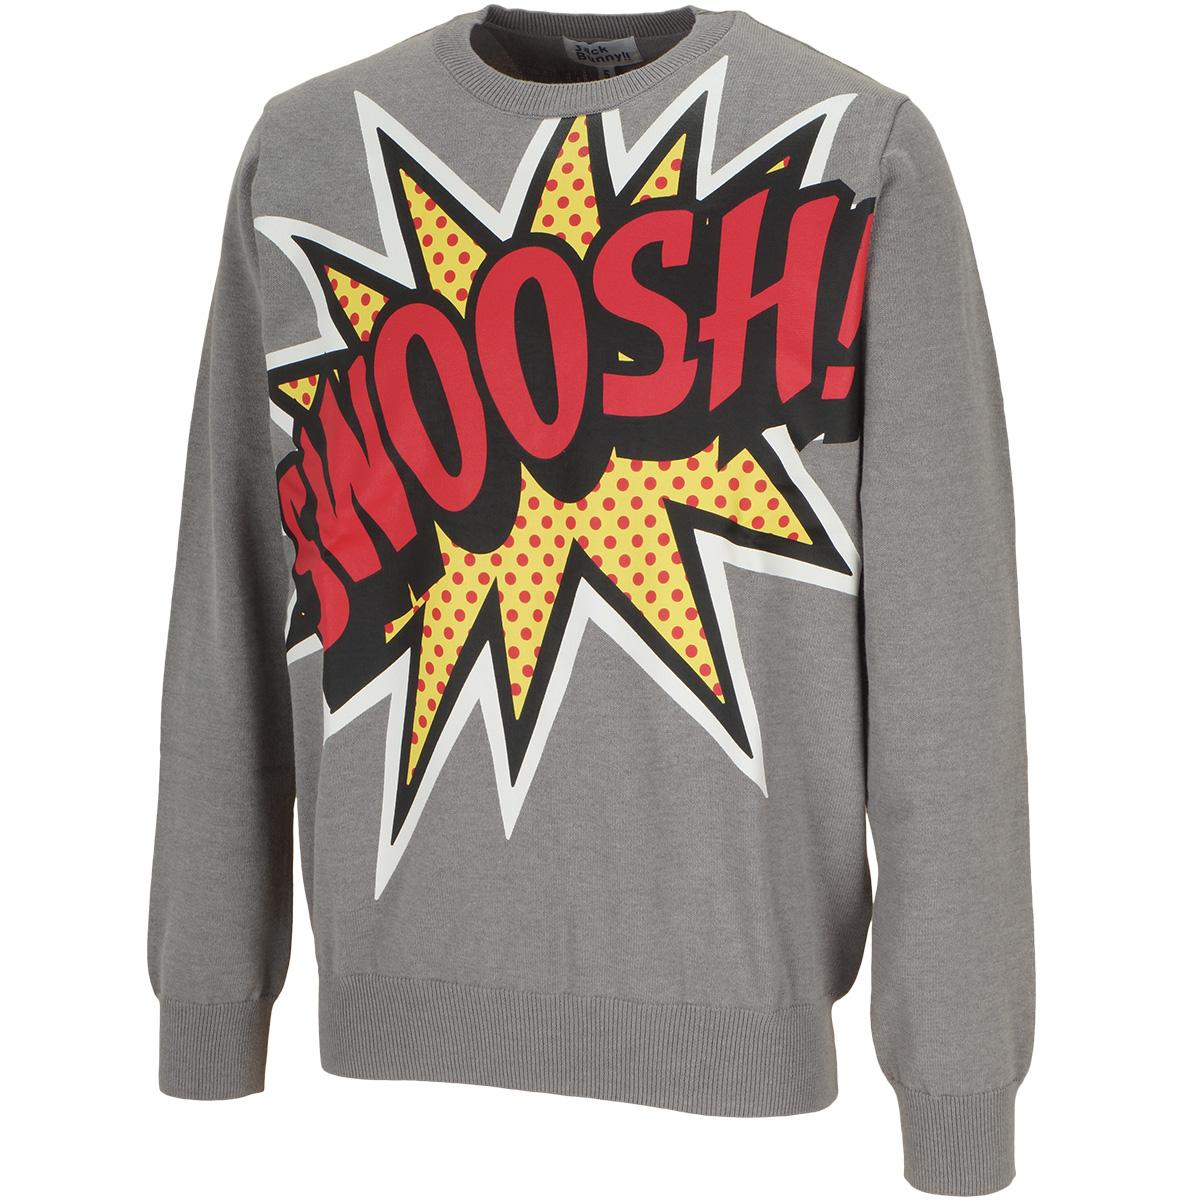 SWOOSHプリントセーター